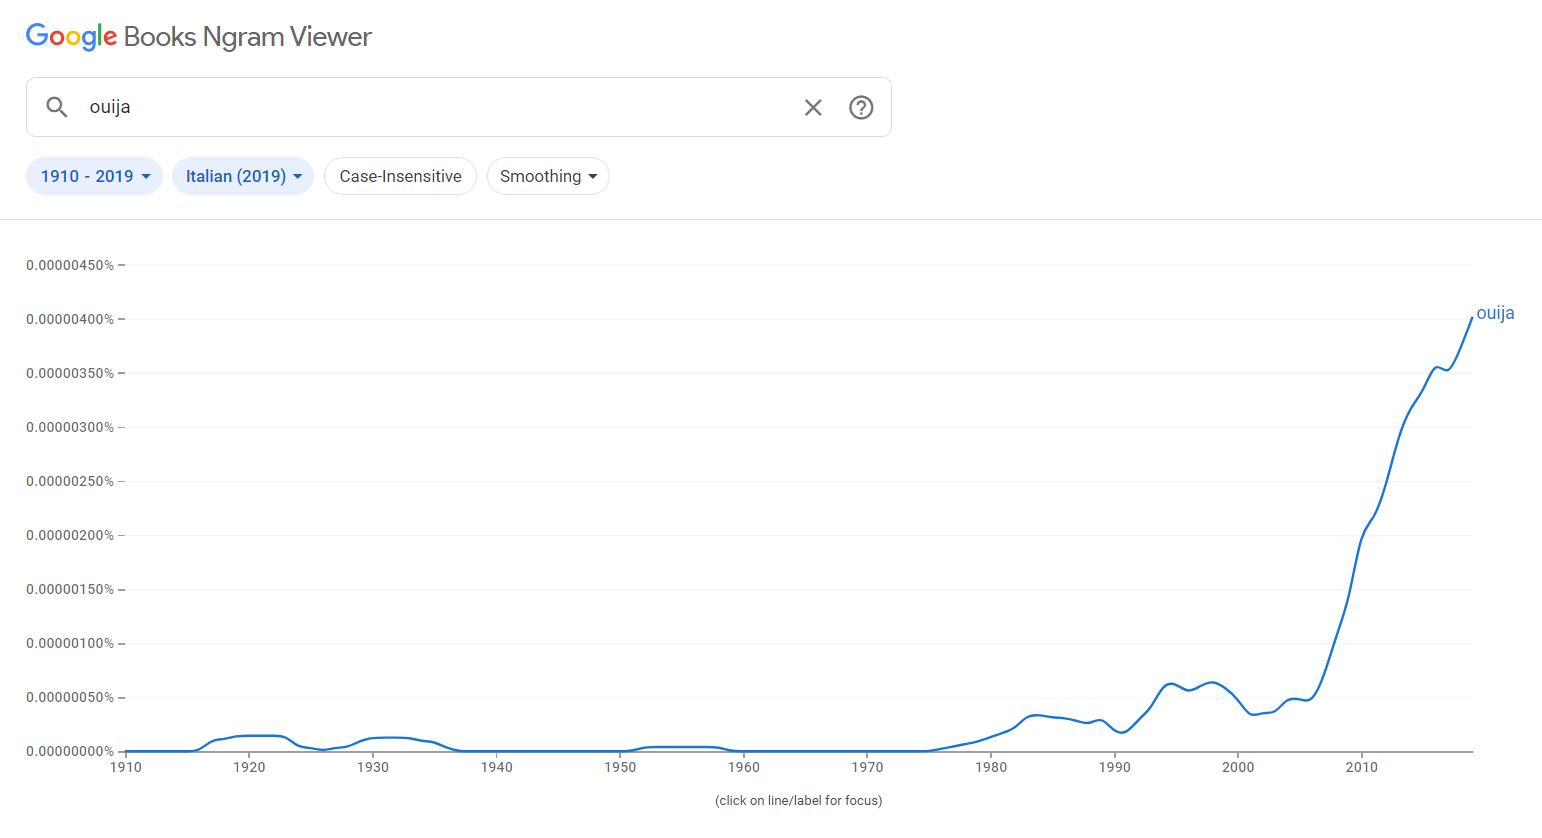 grafico della comparsa della parola ouija in Italia, da ngram viewer di Google